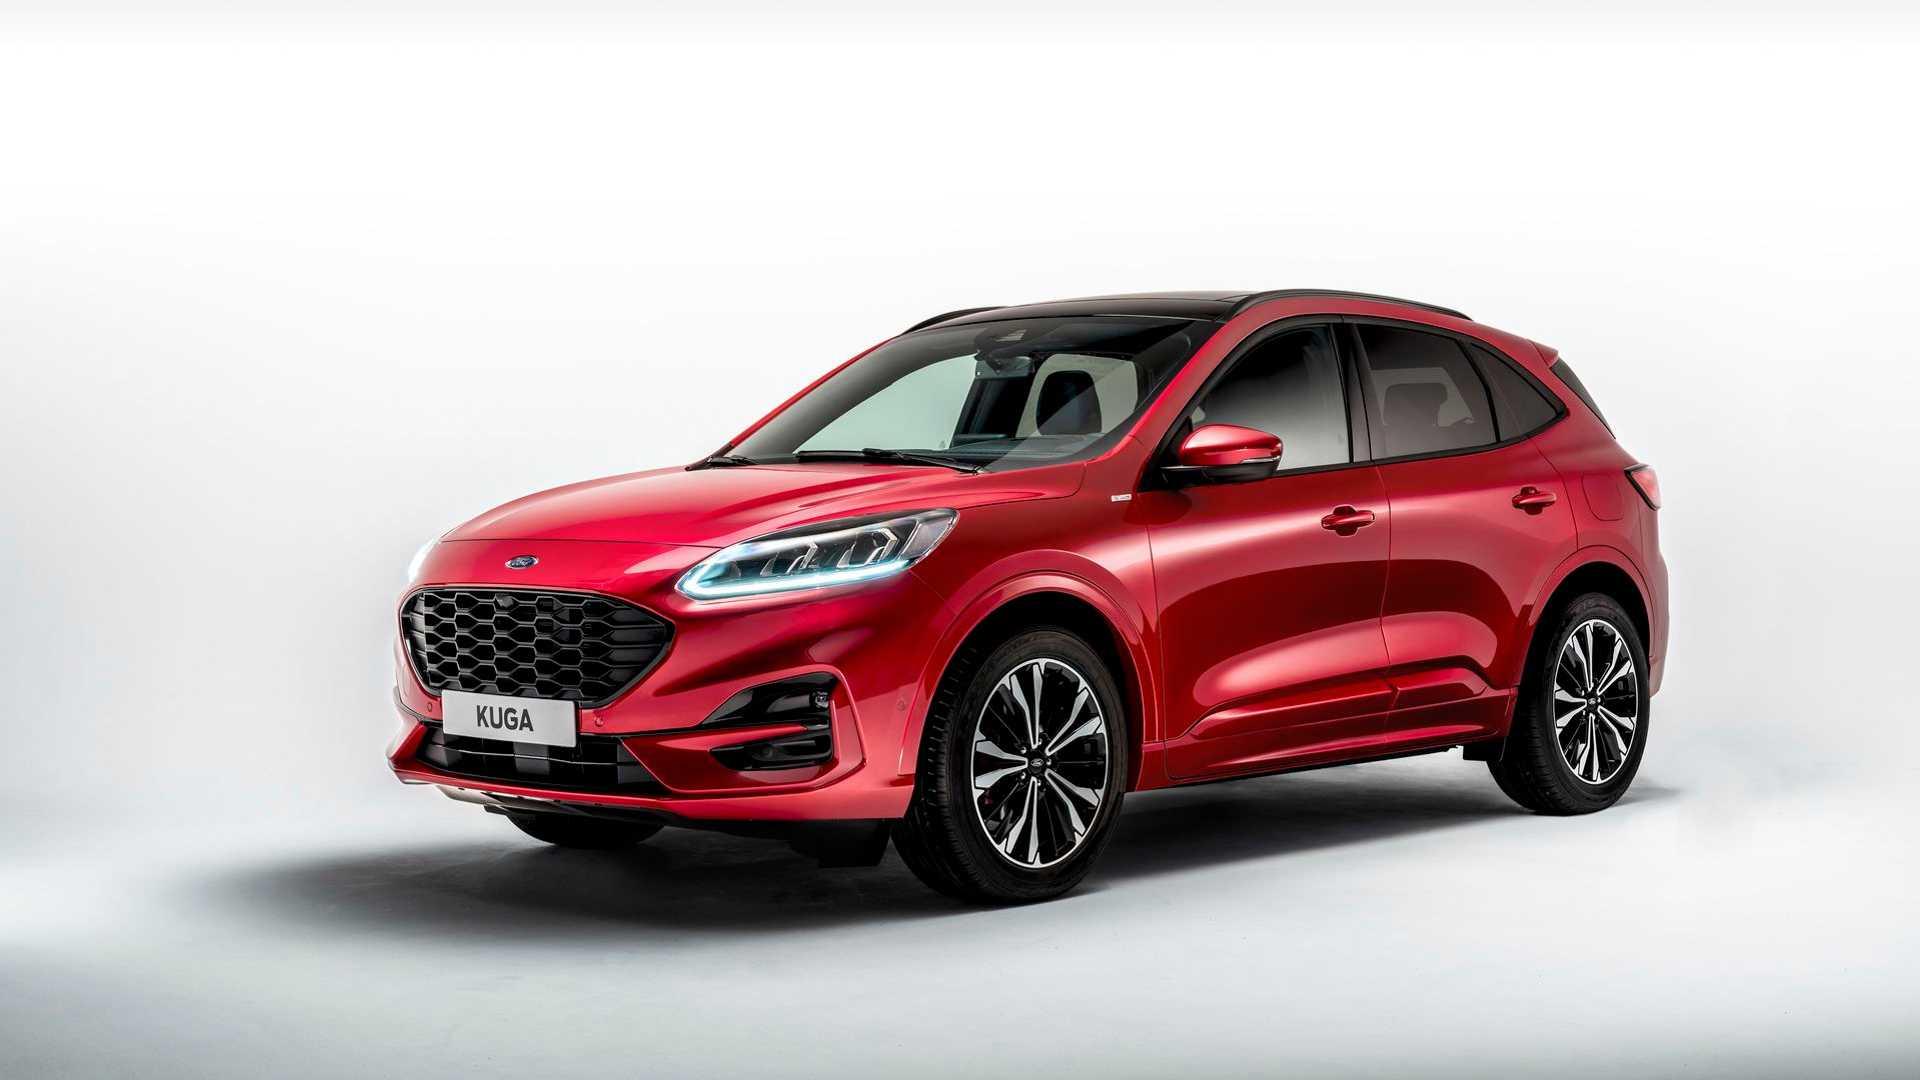 На долю xEV приходится 15% легковых автомобилей, проданных в мае 2020 года